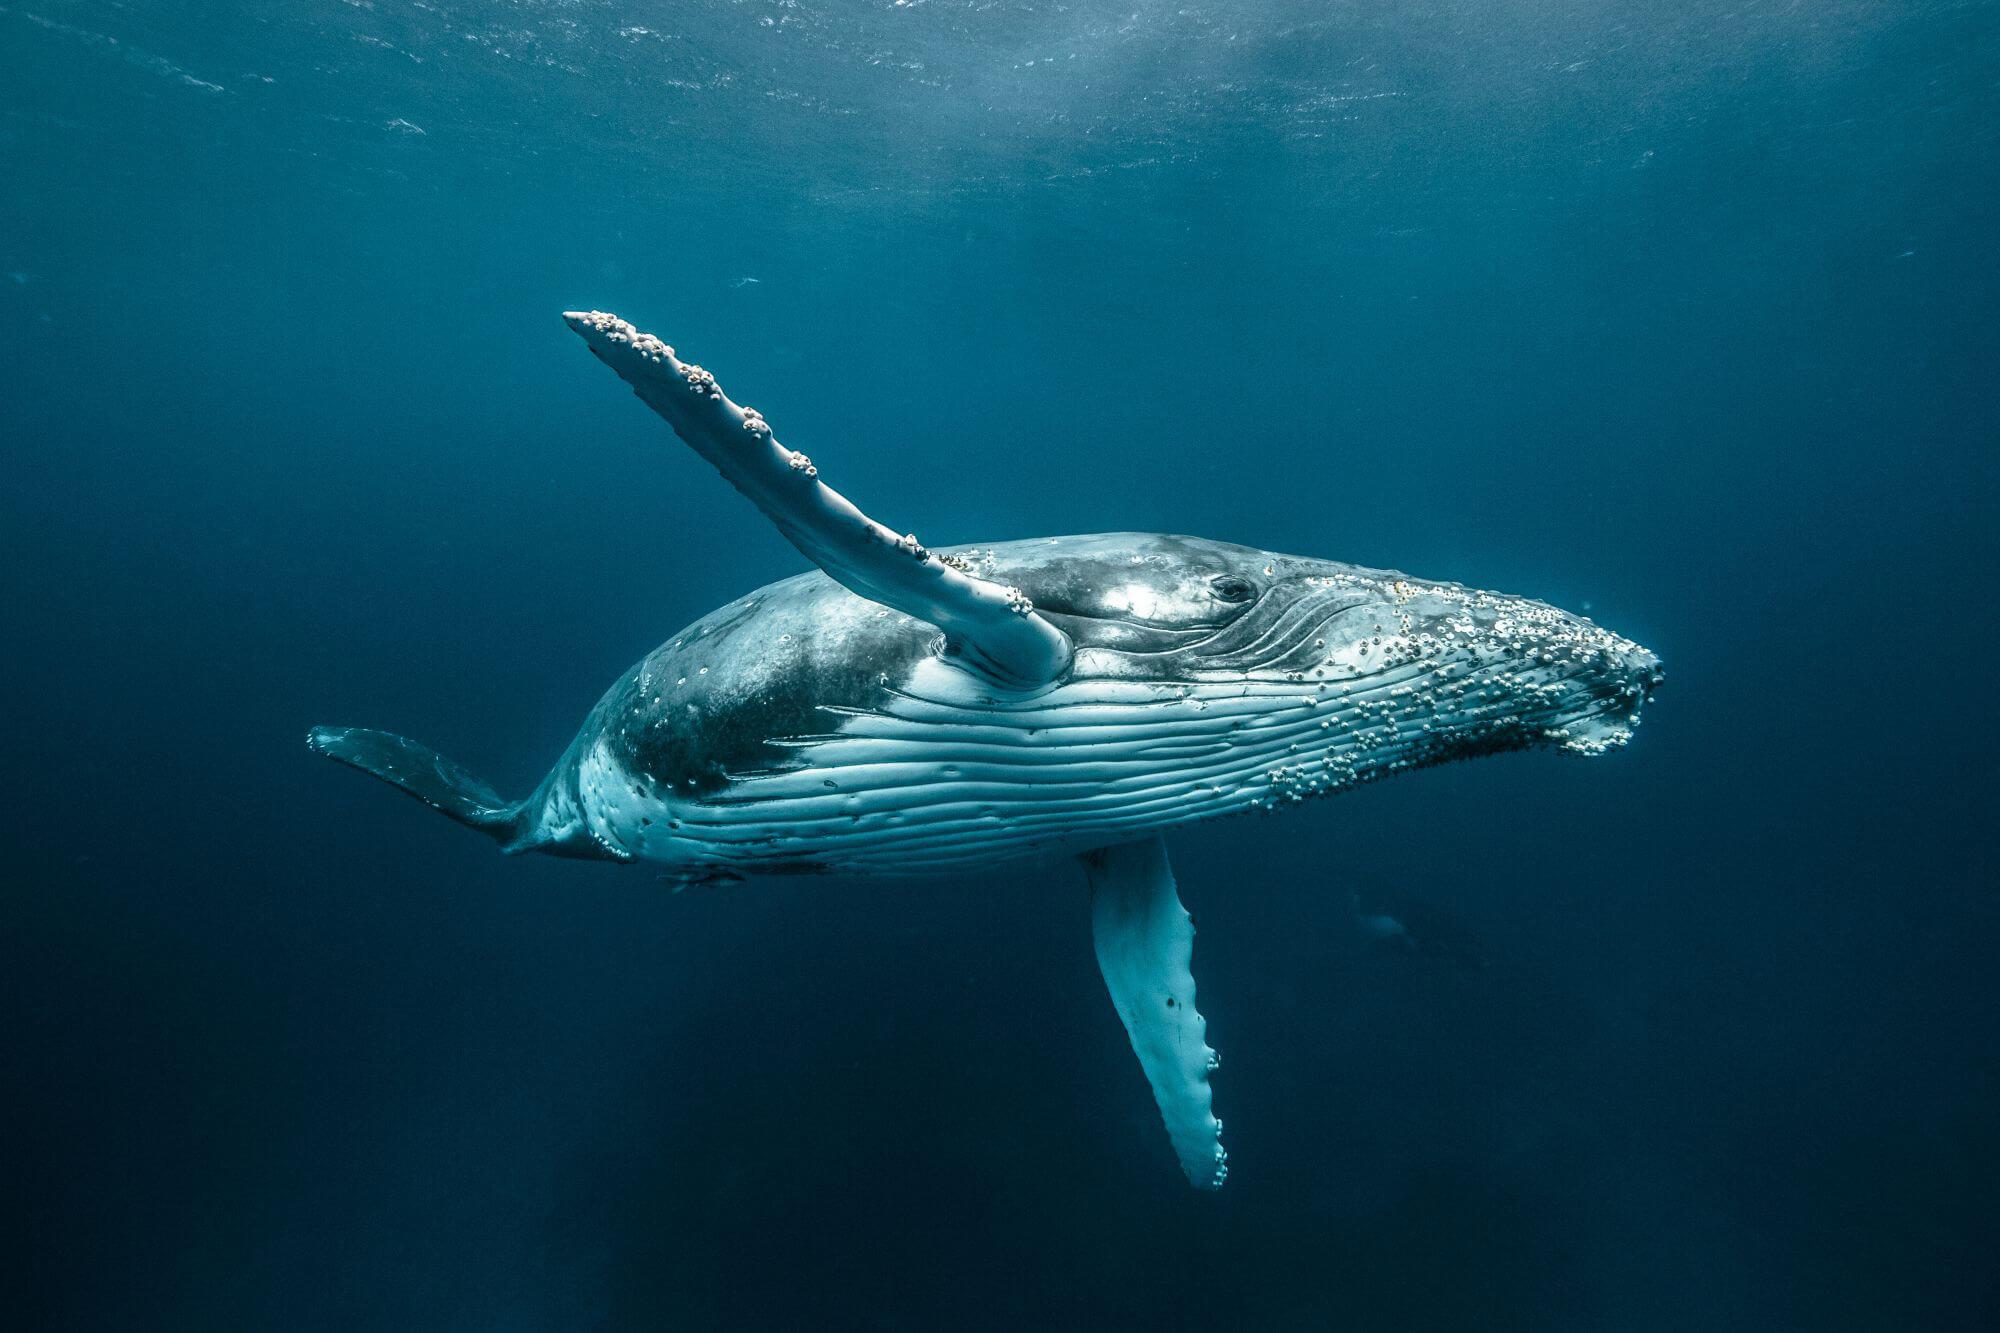 morski ssak plywajacy w oceanie